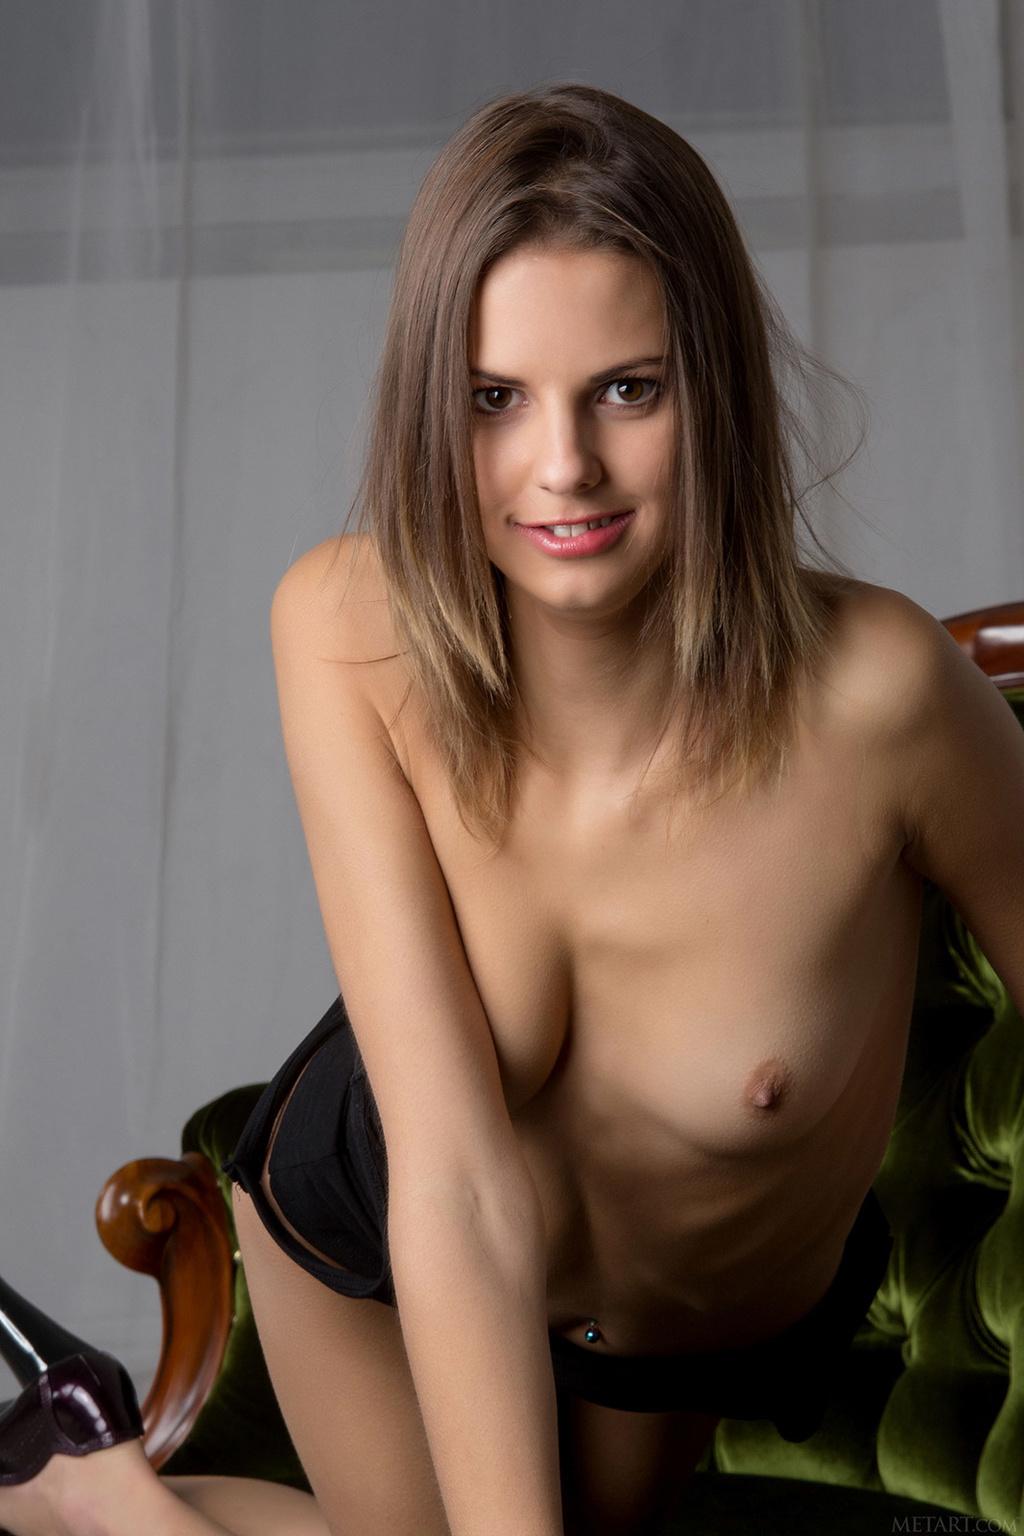 Pornostars nude pics of russian have